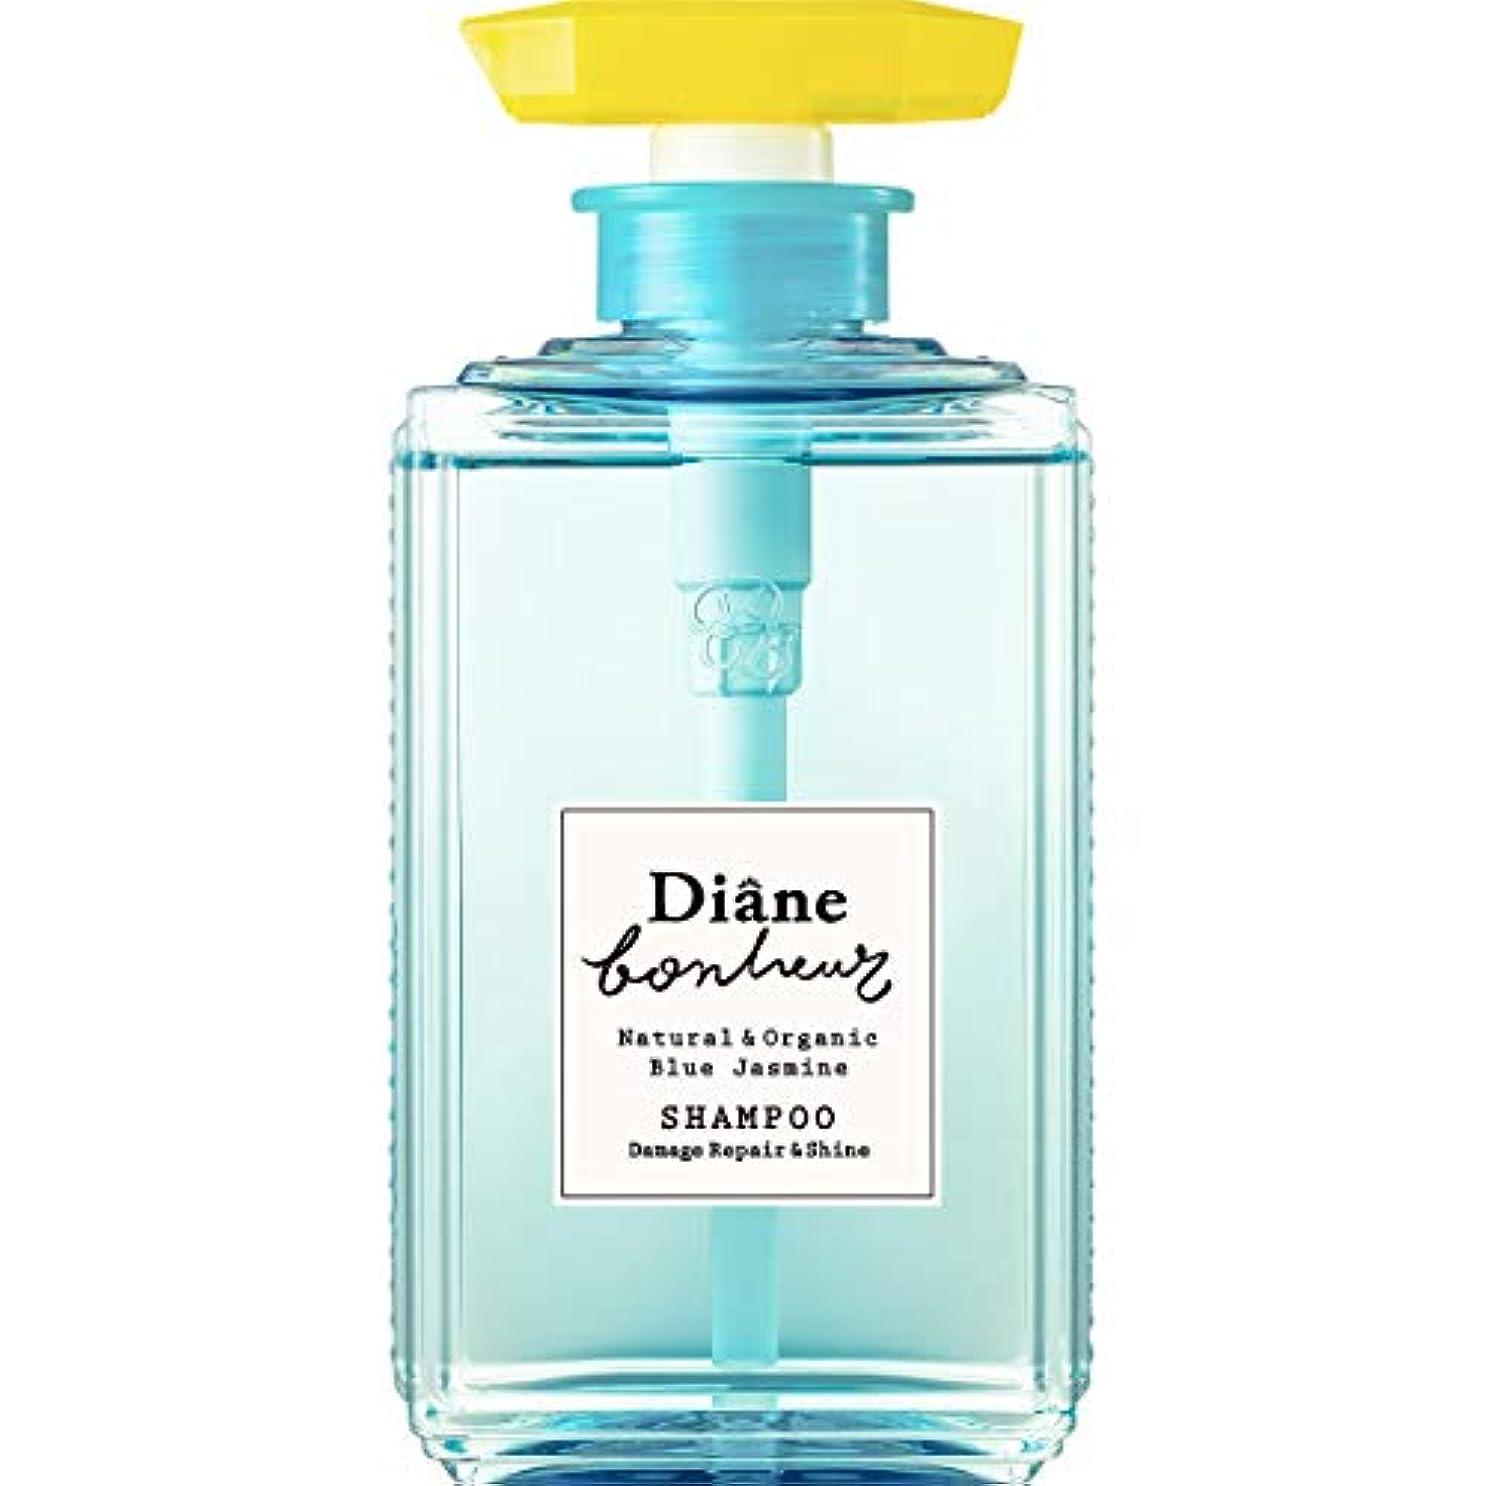 ローズバブル刺しますダイアン ボヌール シャンプー ブルージャスミンの香り ダメージリペア&シャイン 500ml